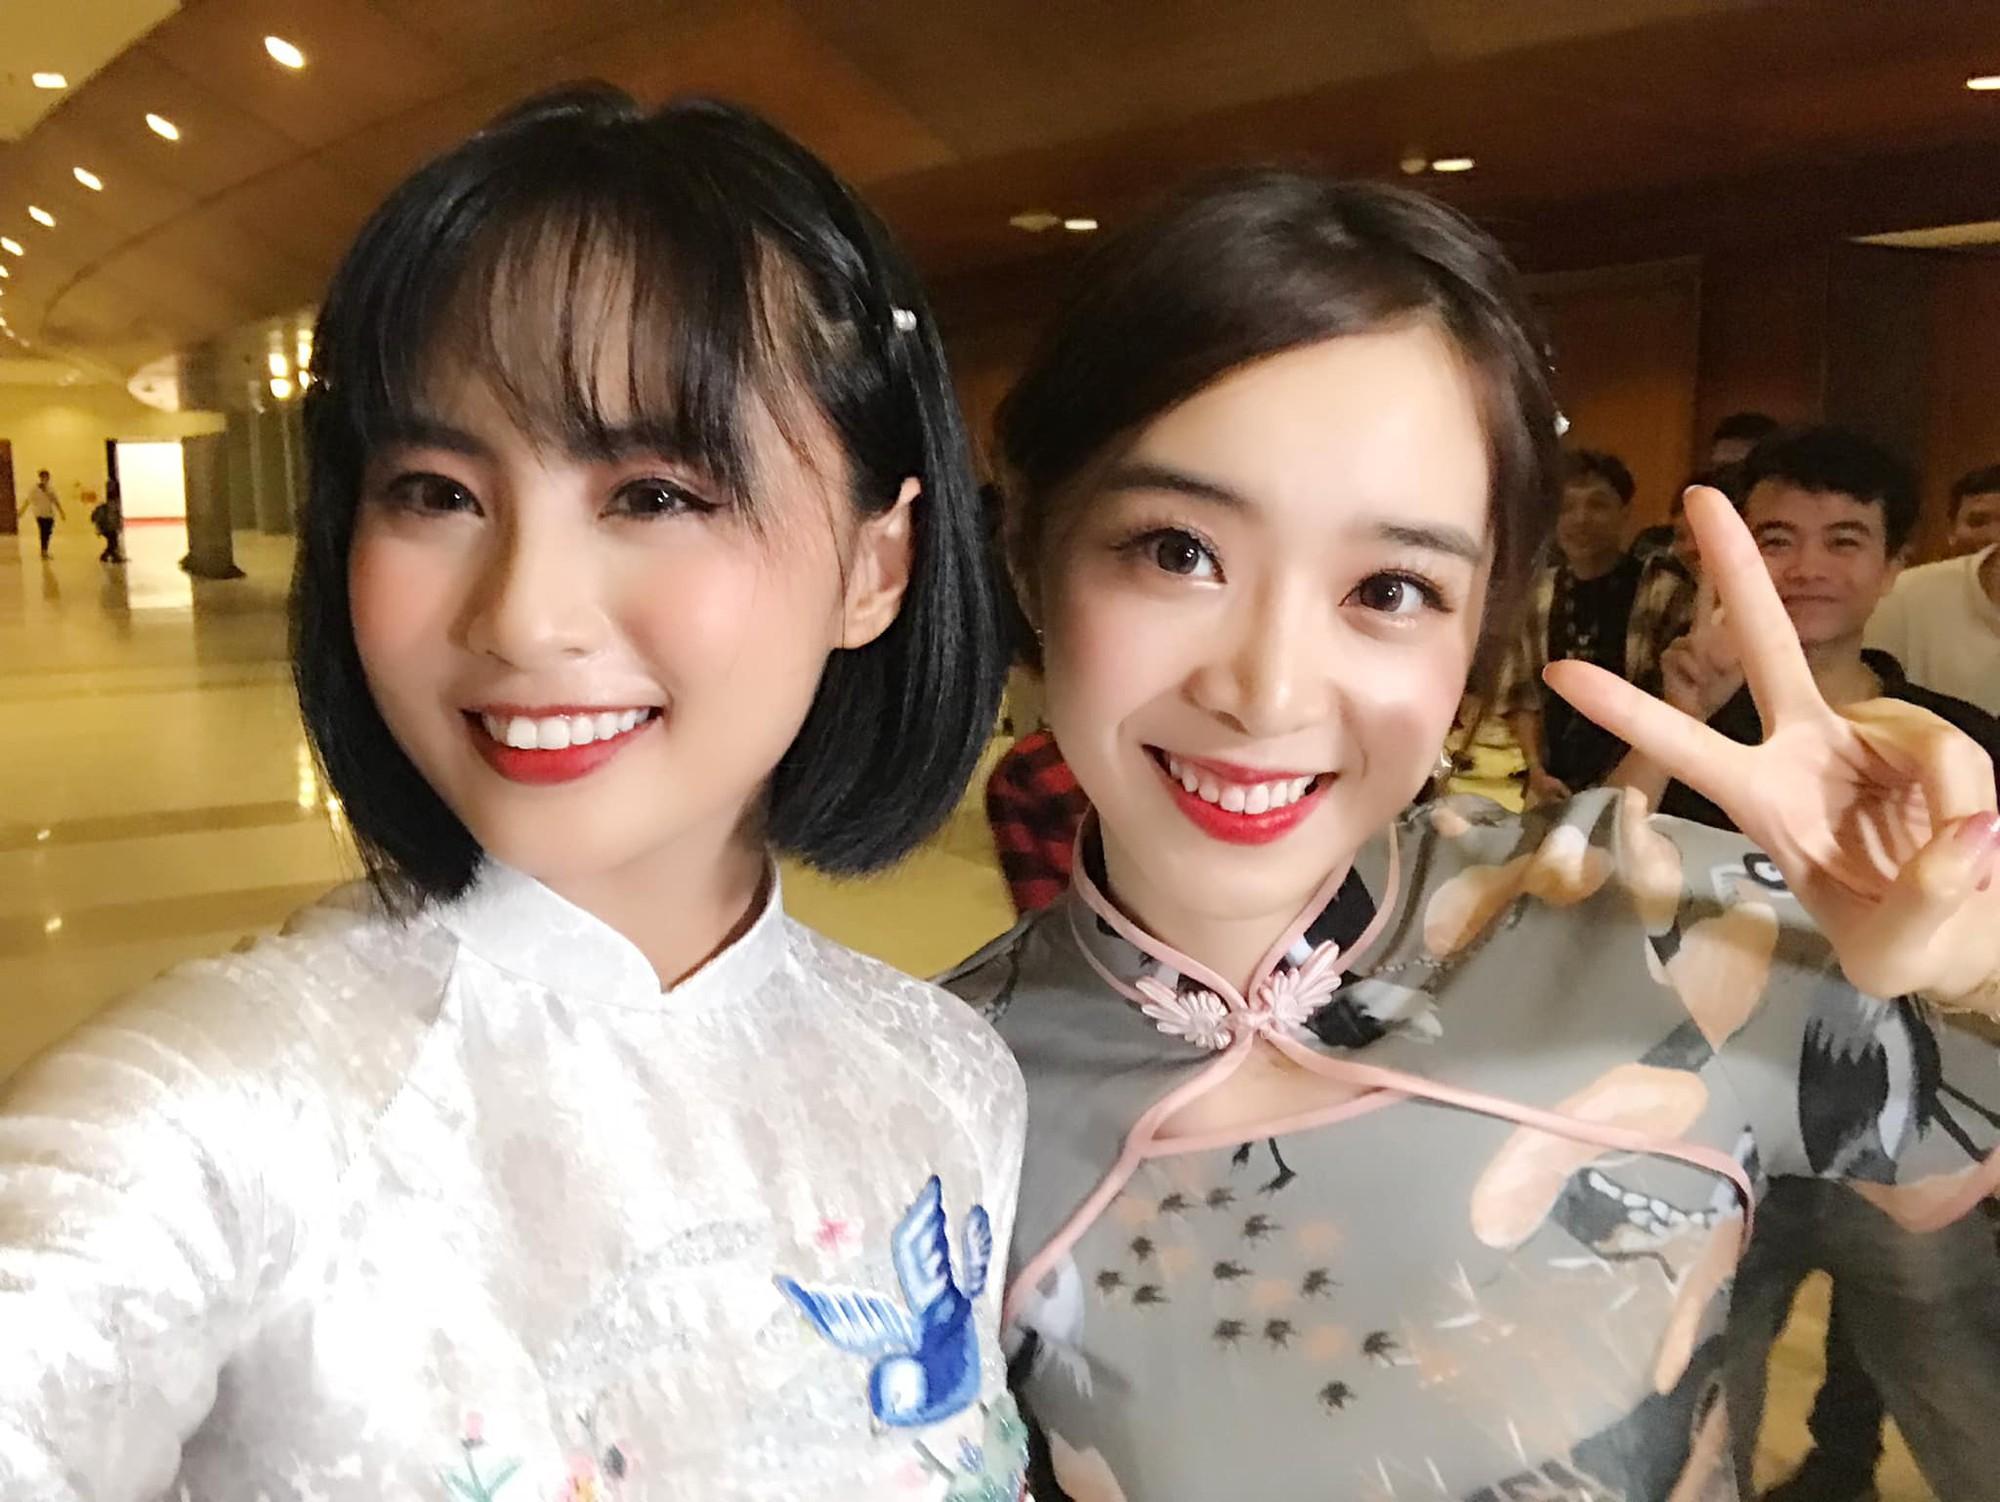 Vận tà áo dài thướt tha, hot MC của làng Liên Minh Huyền Thoại Việt Nam đẹp rạng ngời trong mắt phóng viên nước ngoài - Ảnh 5.